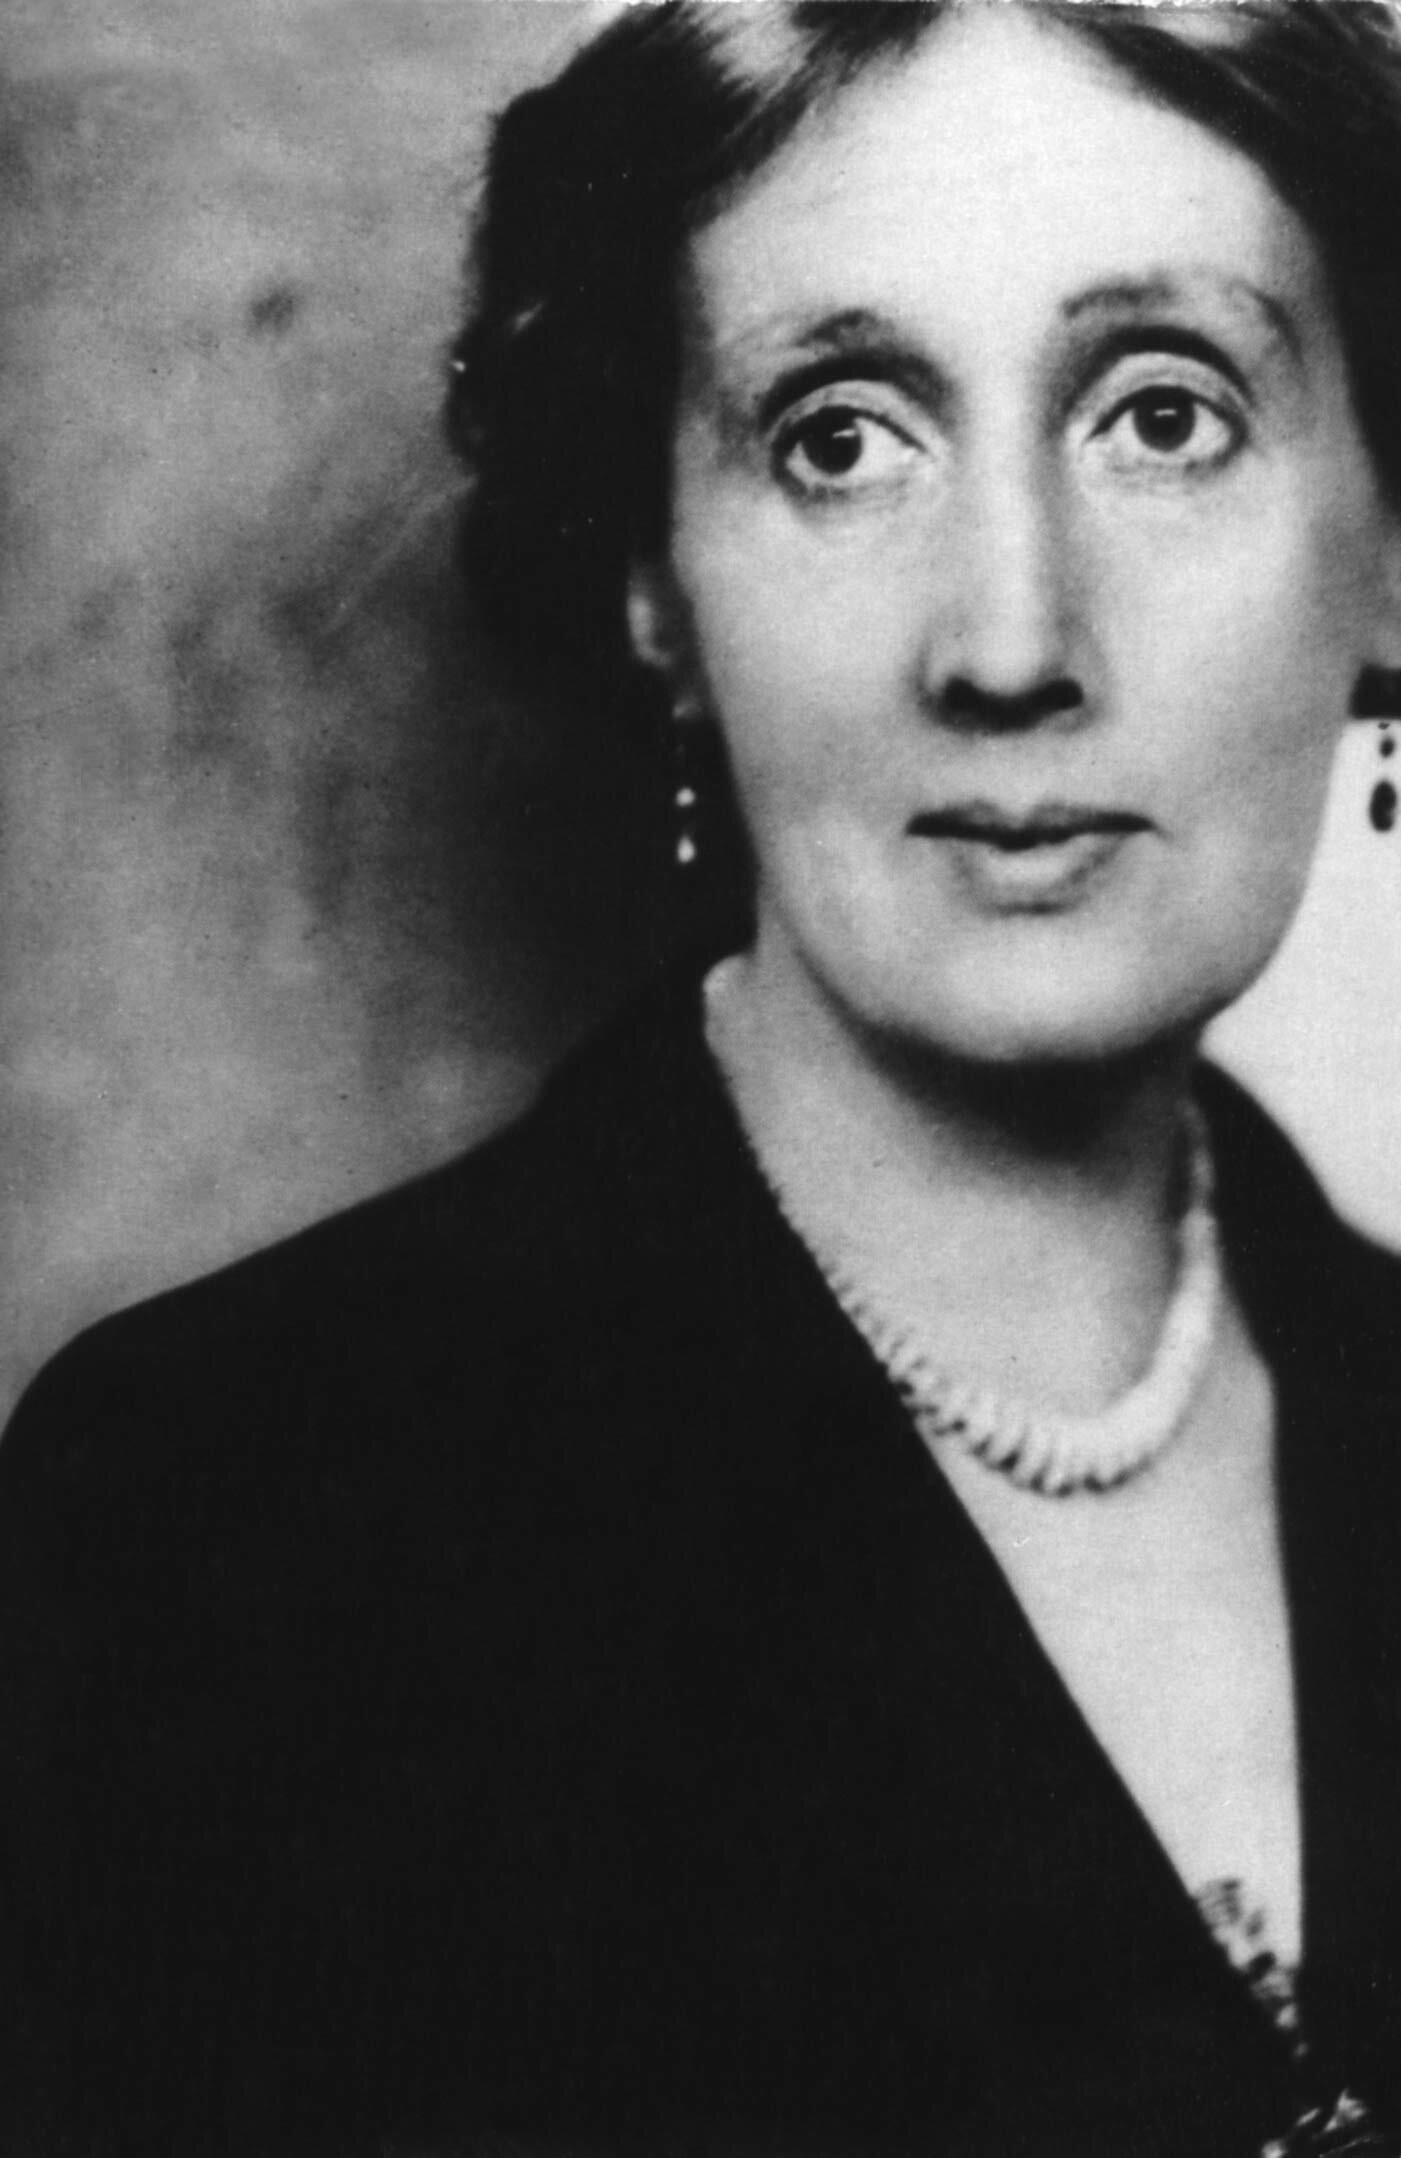 Virginia Woolf B+W * 600kb.jpg